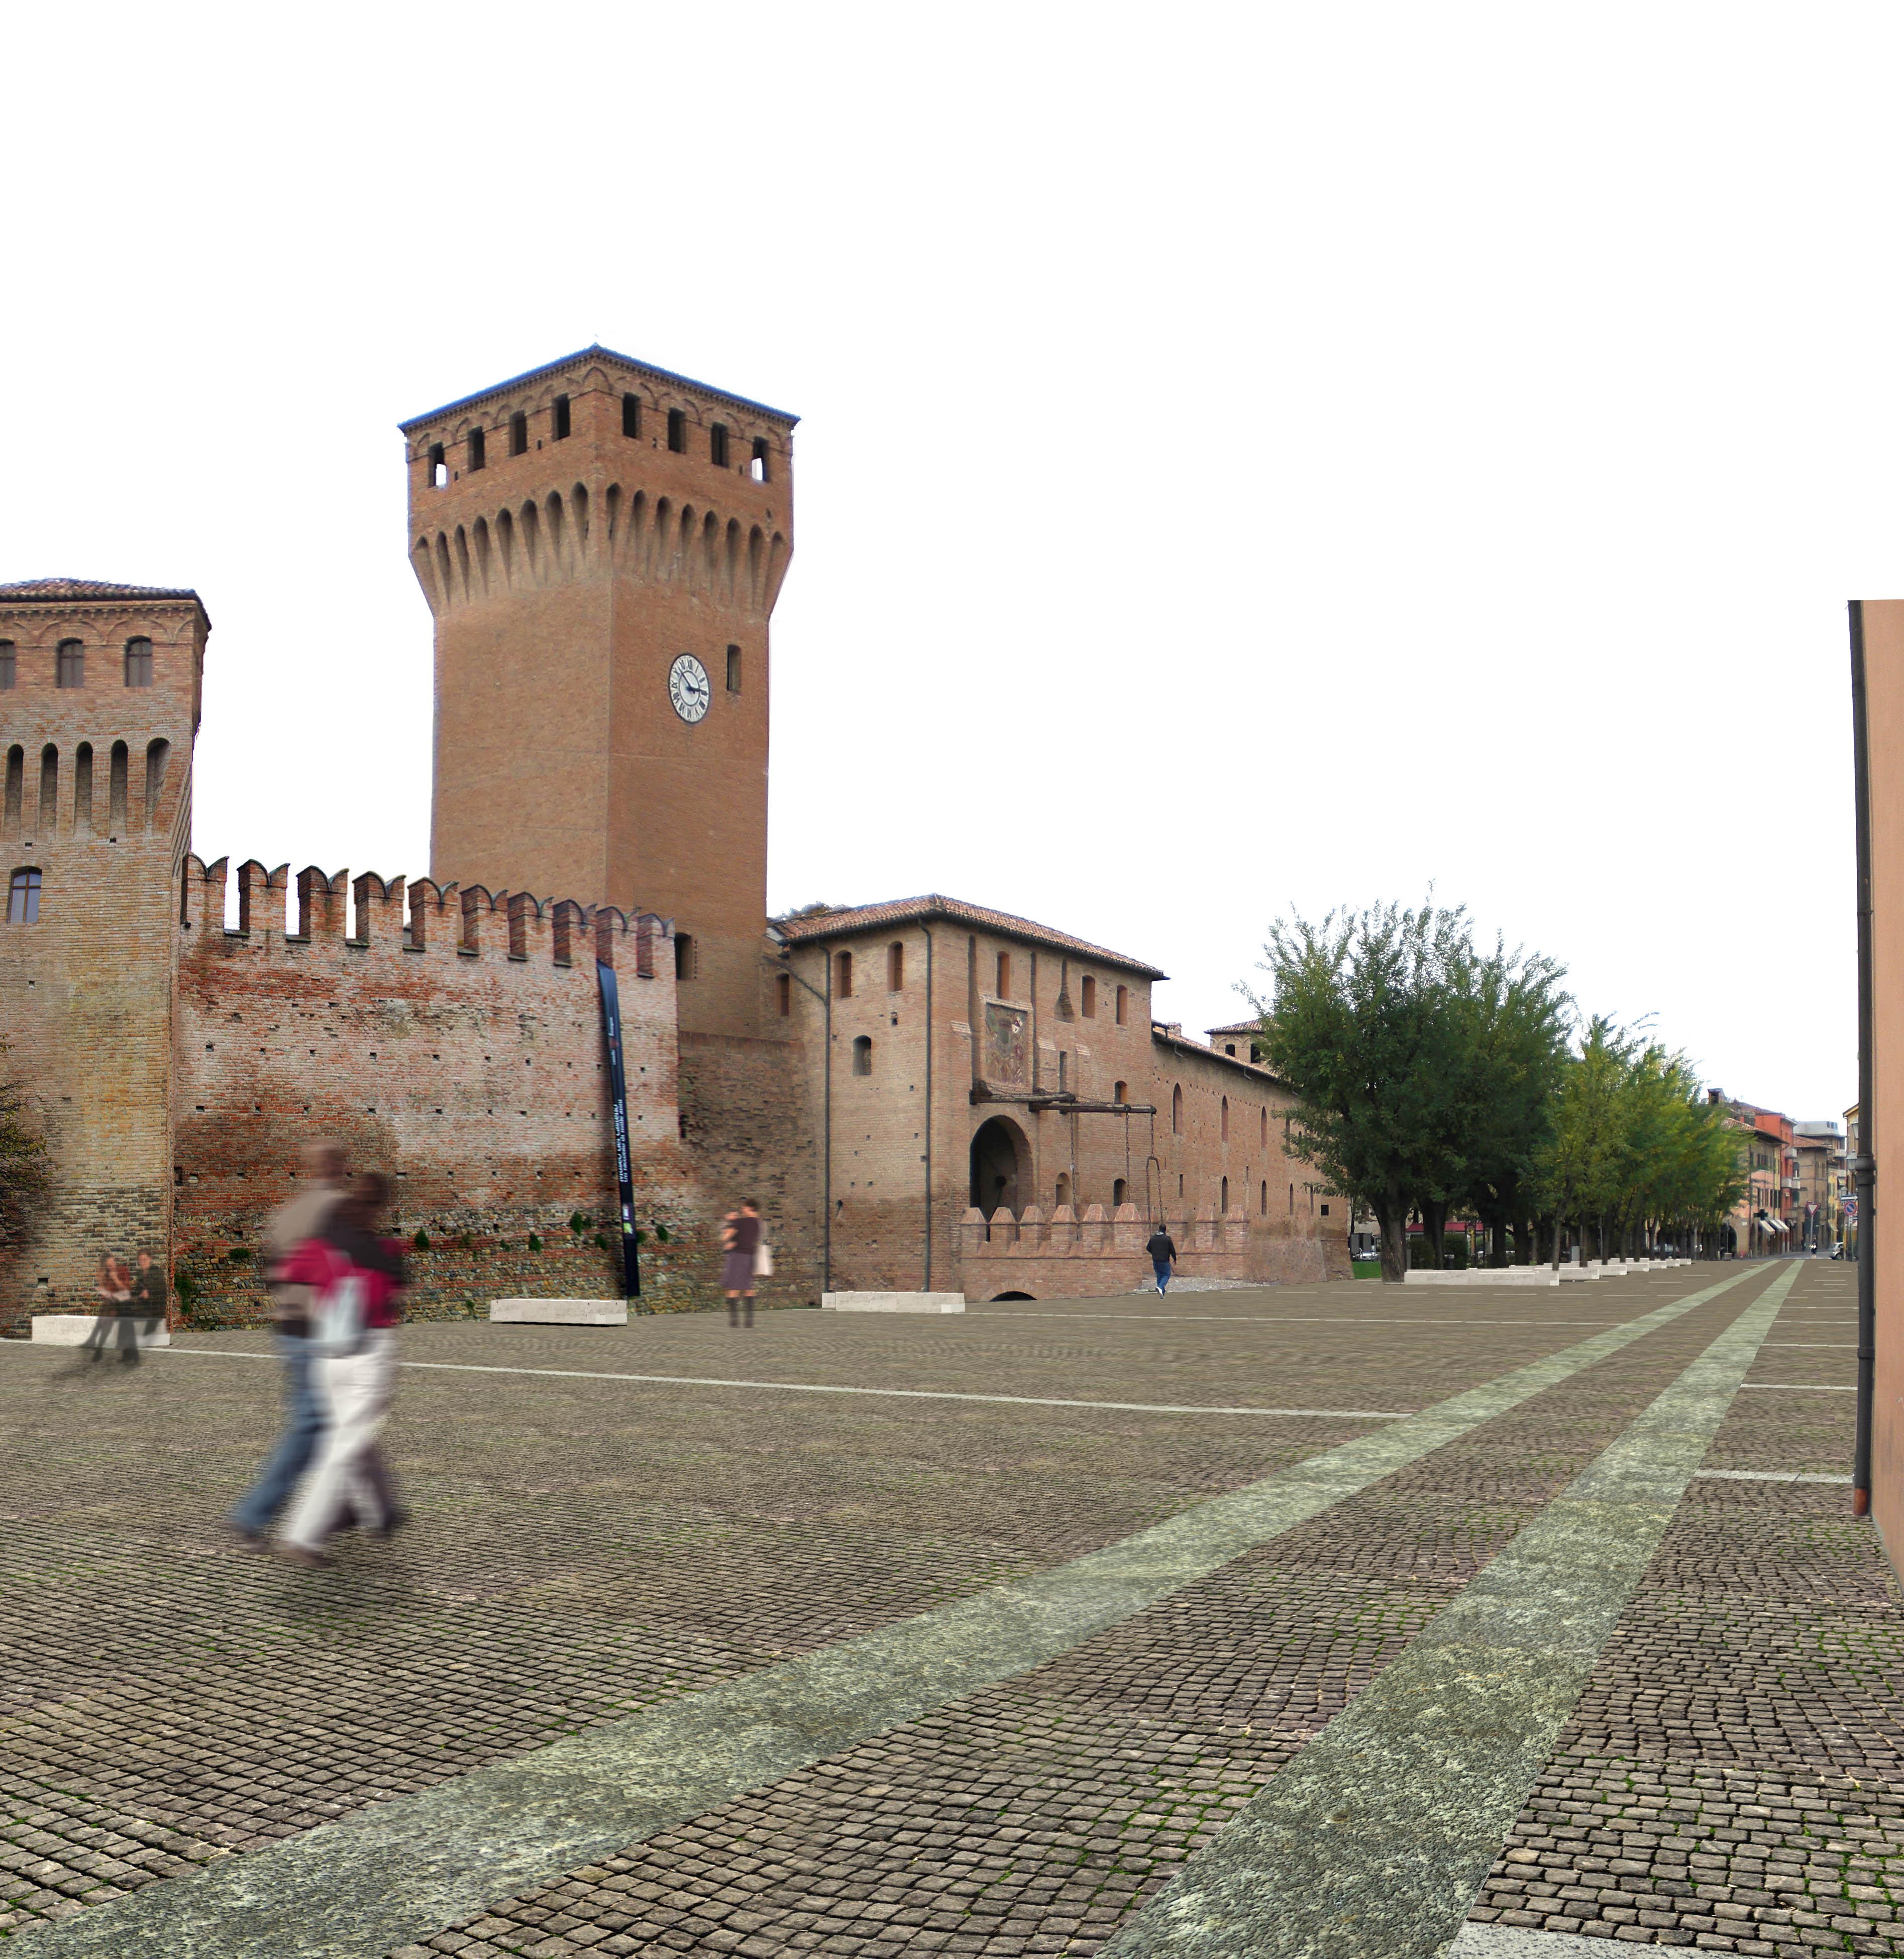 968e2dfdcc Riqualificazione del centro storico di Formigine | tomasocavalli